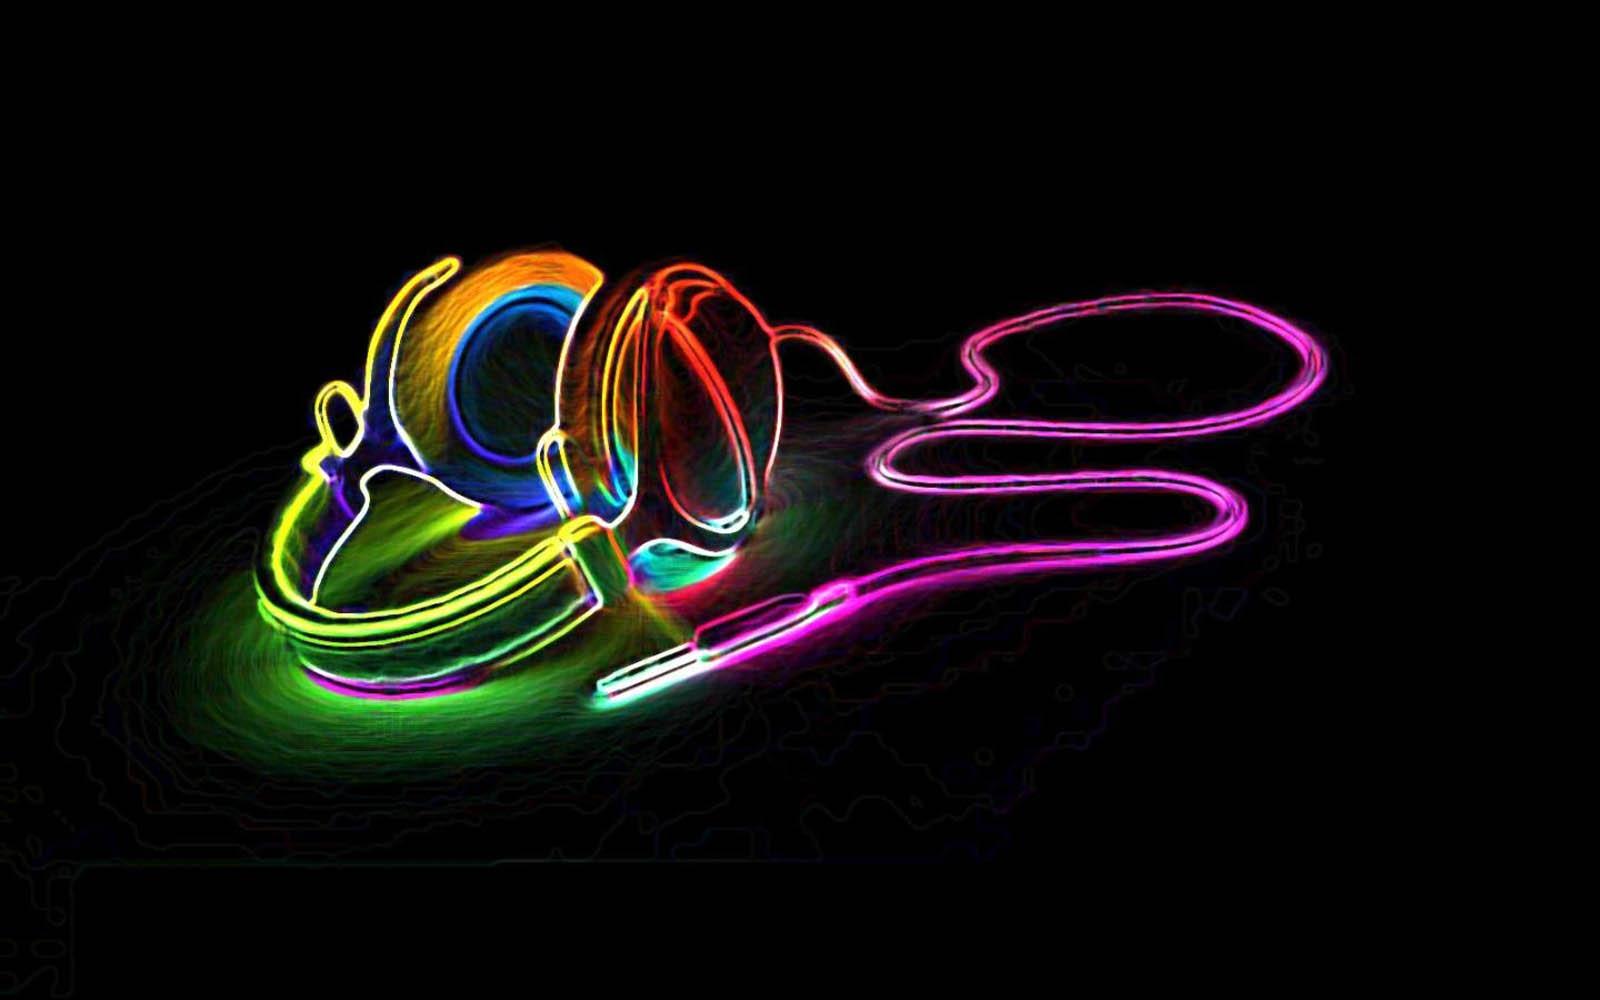 Keywords Neon Art Wallpapers Neon Art Desktop Wallpapers Neon Art 1600x1000